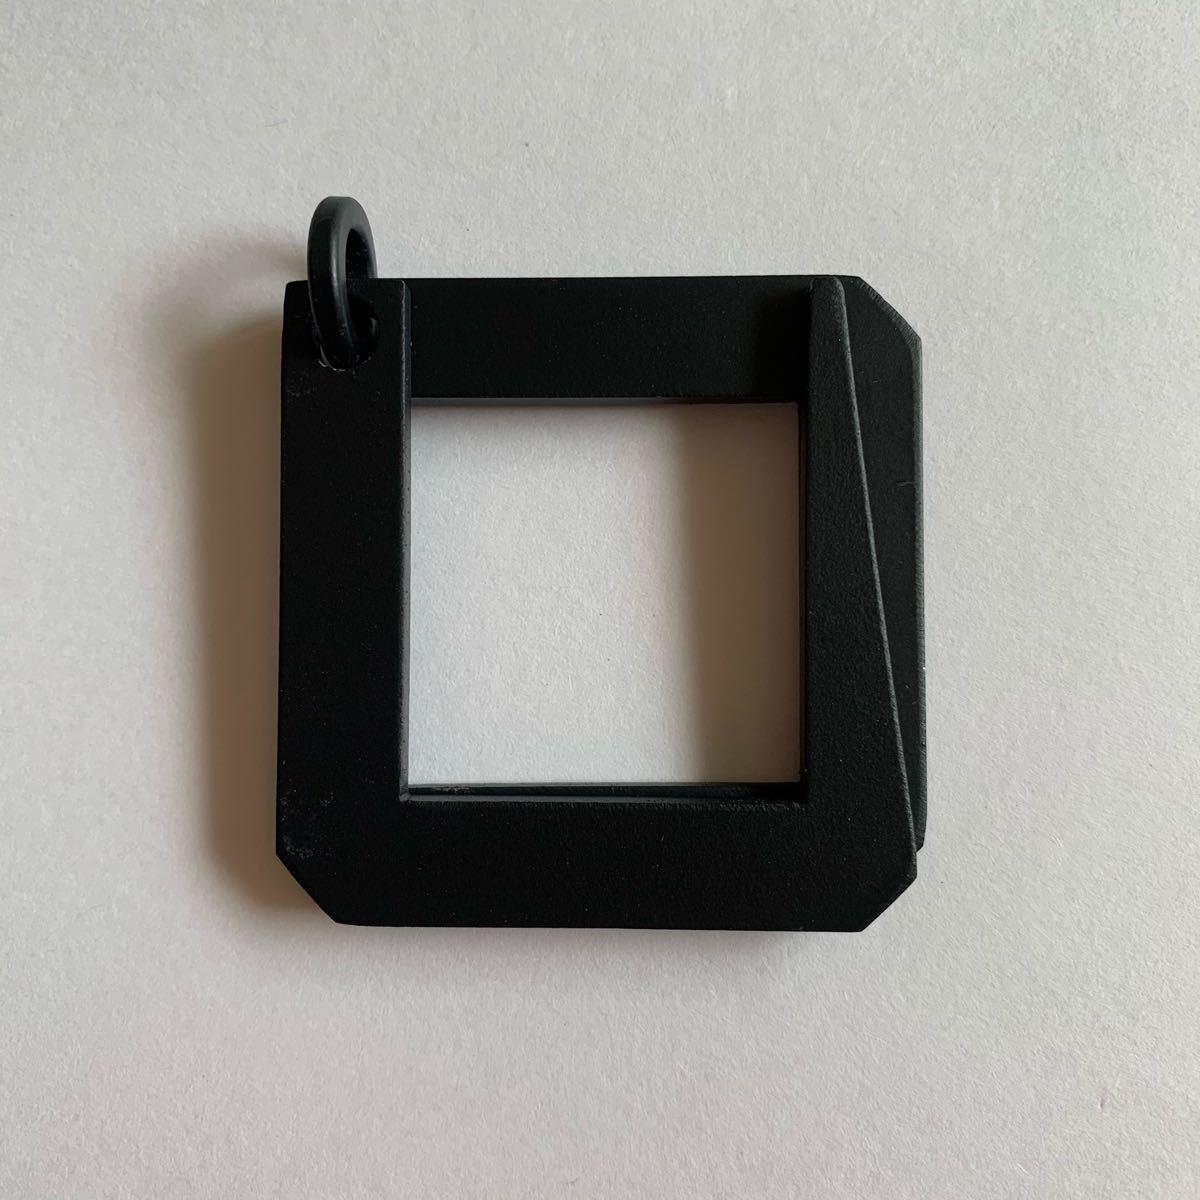 ランタン用S字フック*ブラック黒色アウトドア用品キャンプ用品